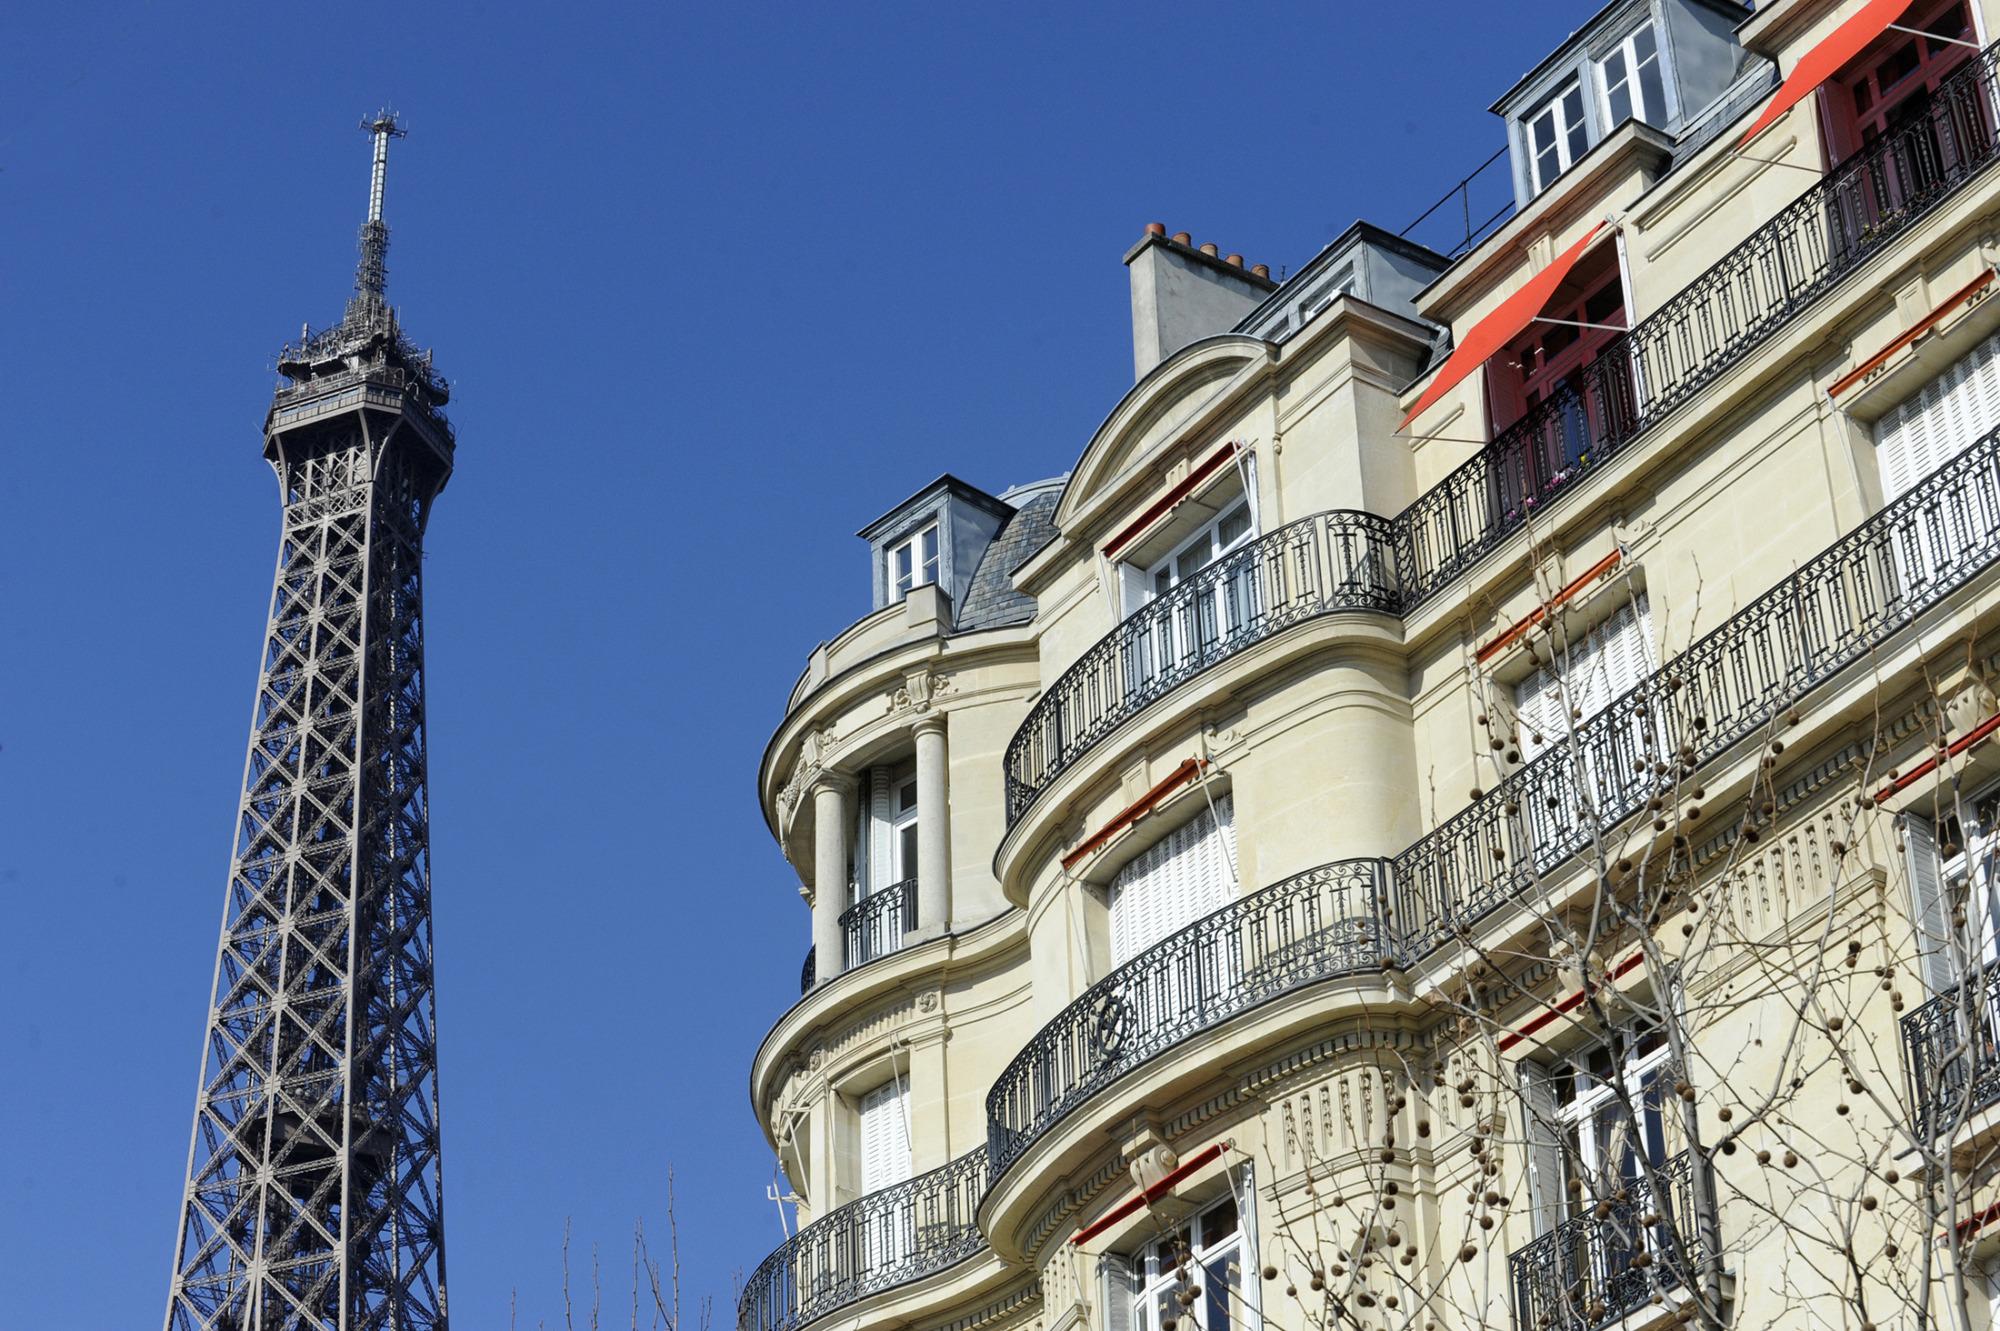 フランスは金持ちに最もやさしい国か、富裕層の資産が急拡大